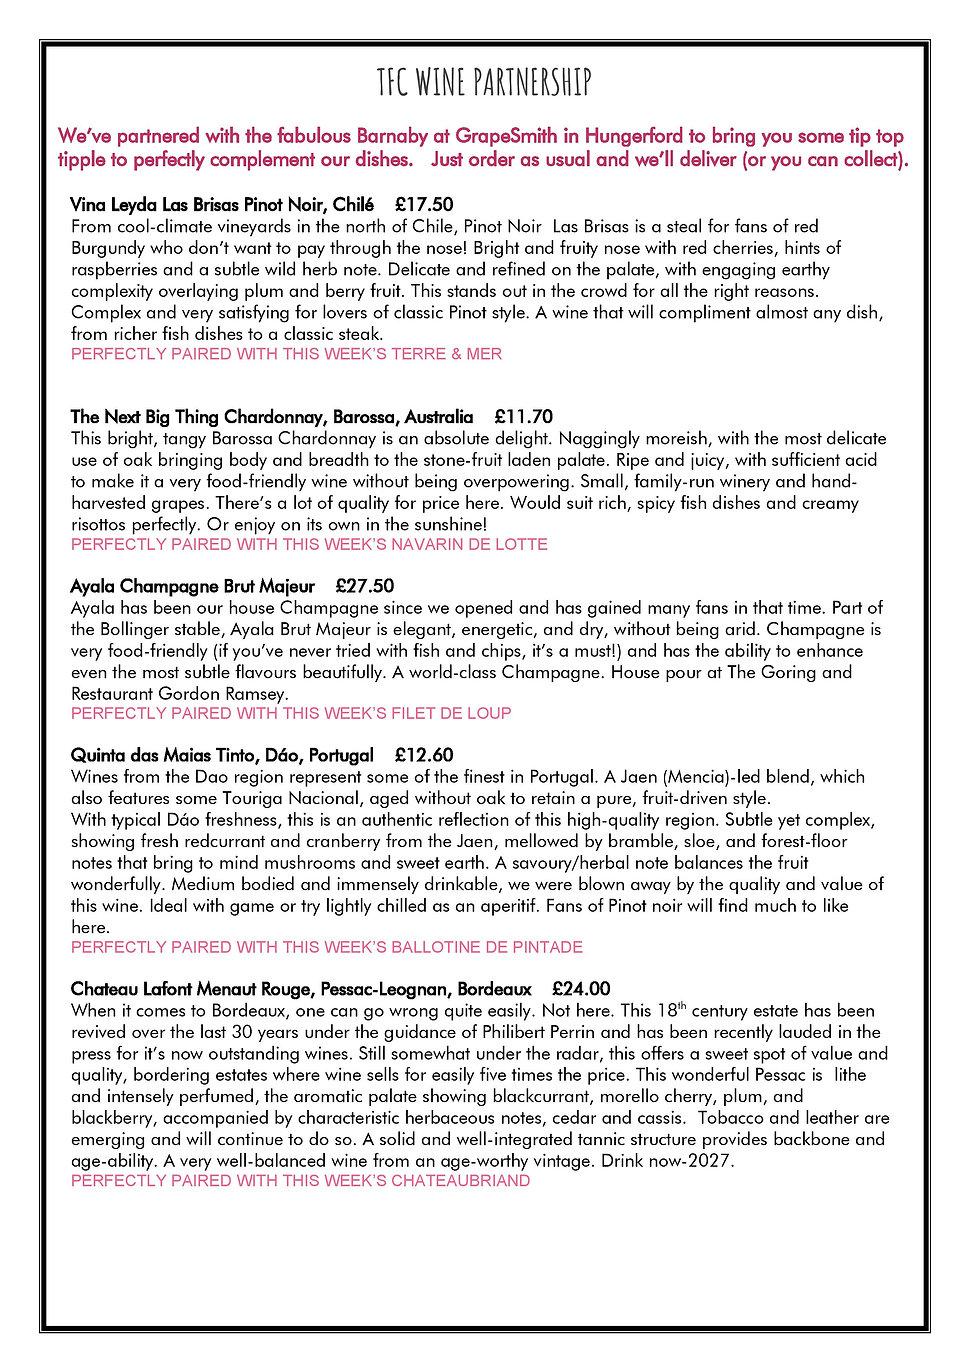 Heat & Eat Menu WC 14.6.21-page-004.jpg